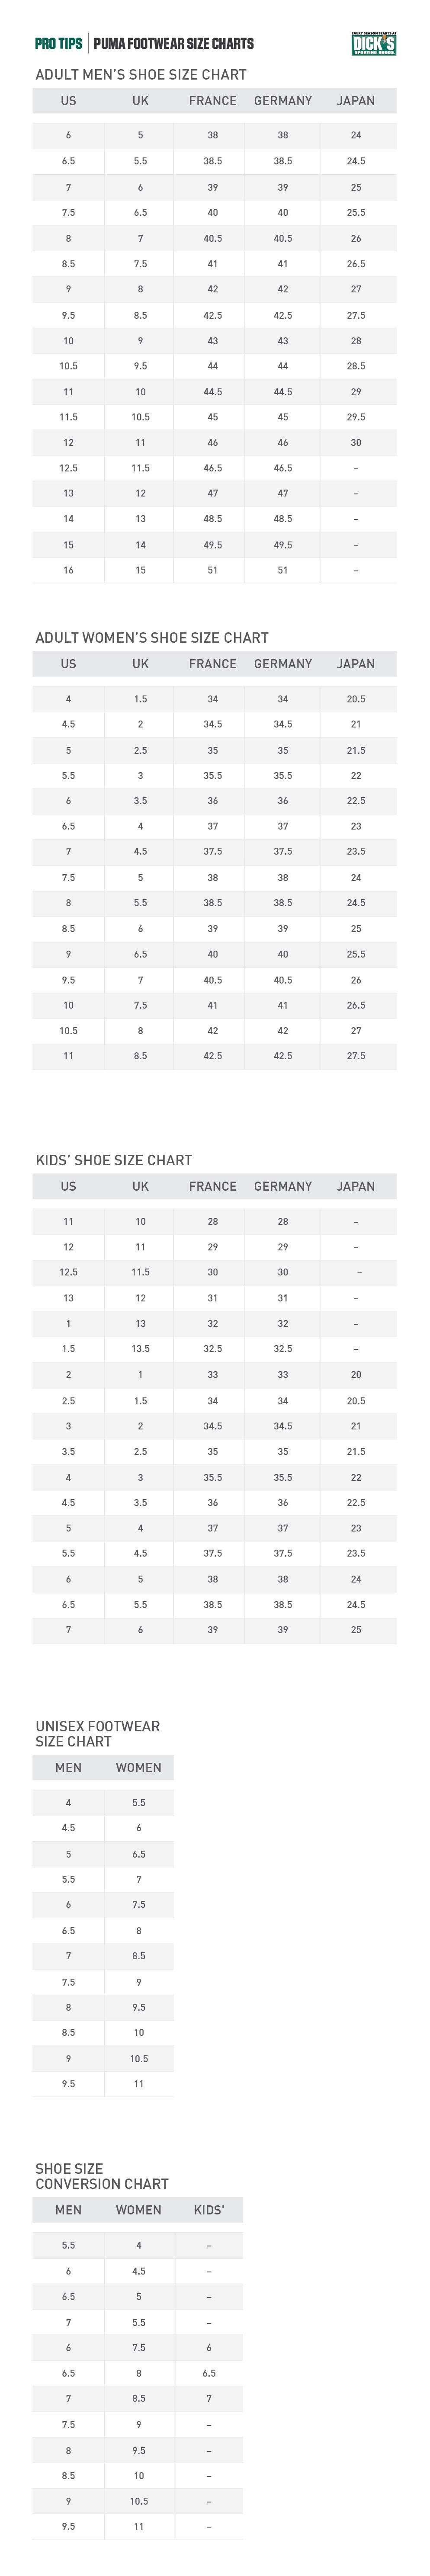 puma footwear size charts